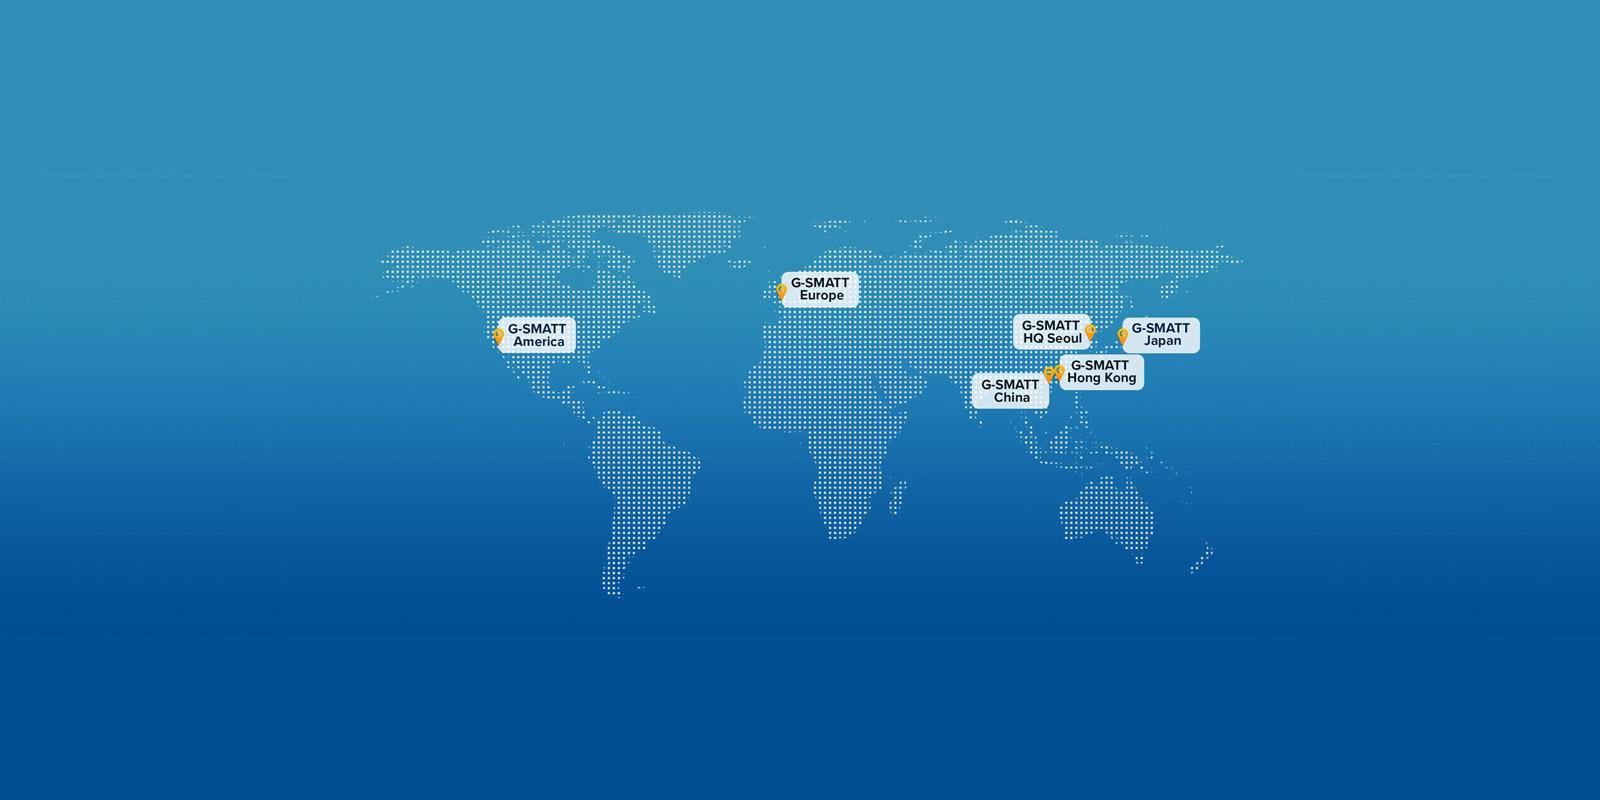 G-Smatt Global